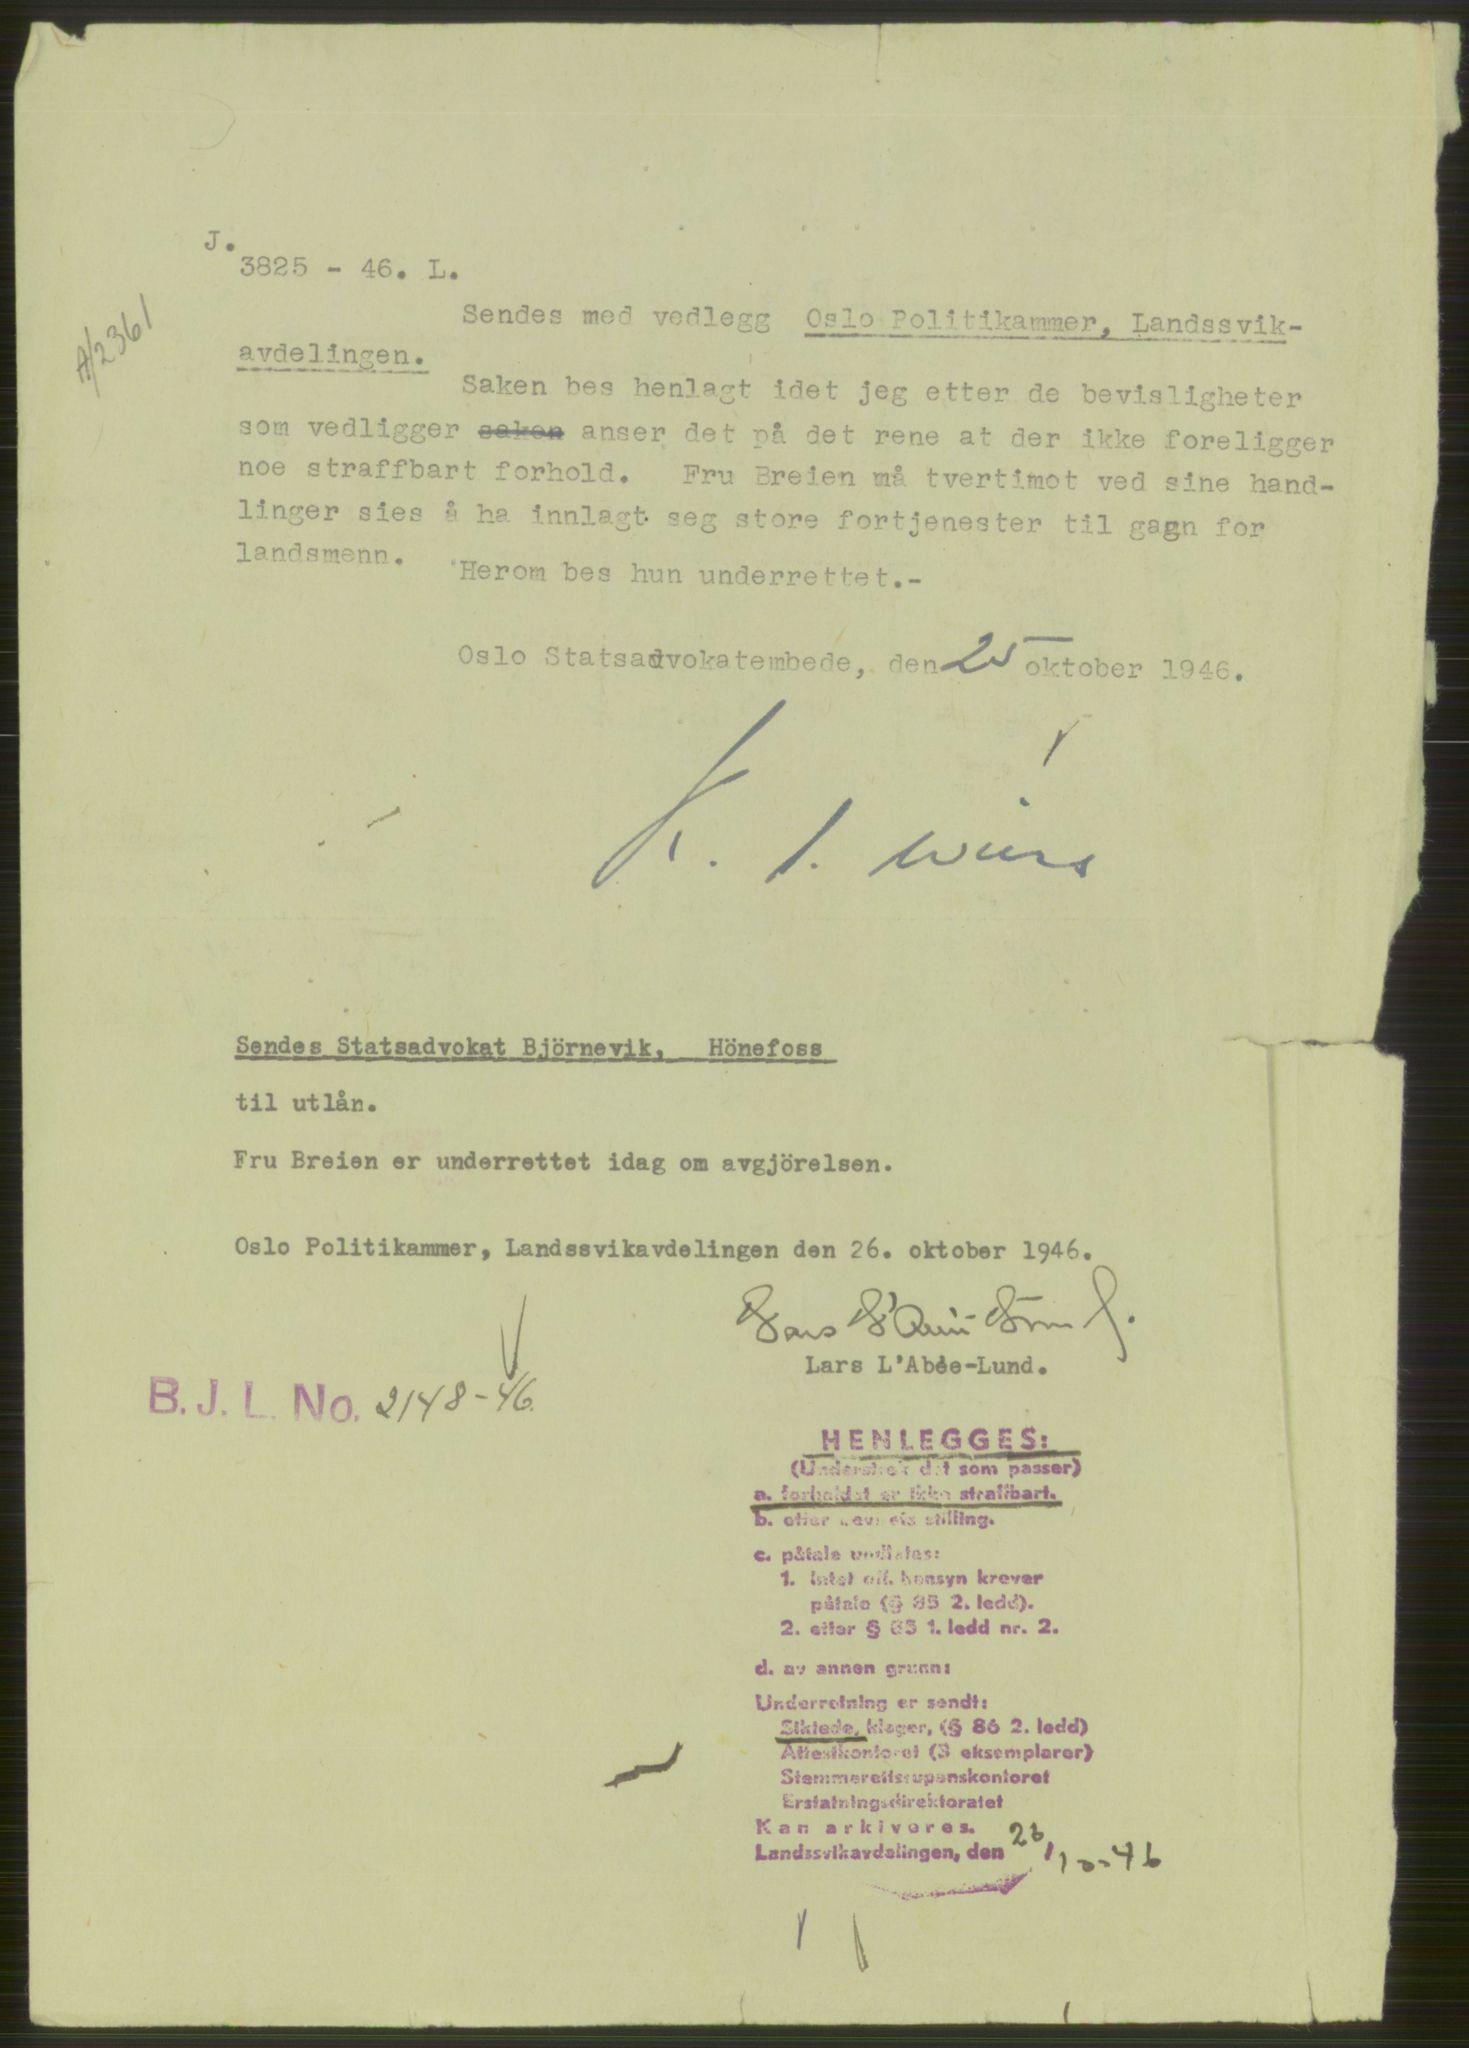 RA, Landssvikarkivet, Oslo politikammer, D/Dg/L0267: Henlagt hnr. 3658, 1945-1946, s. 16